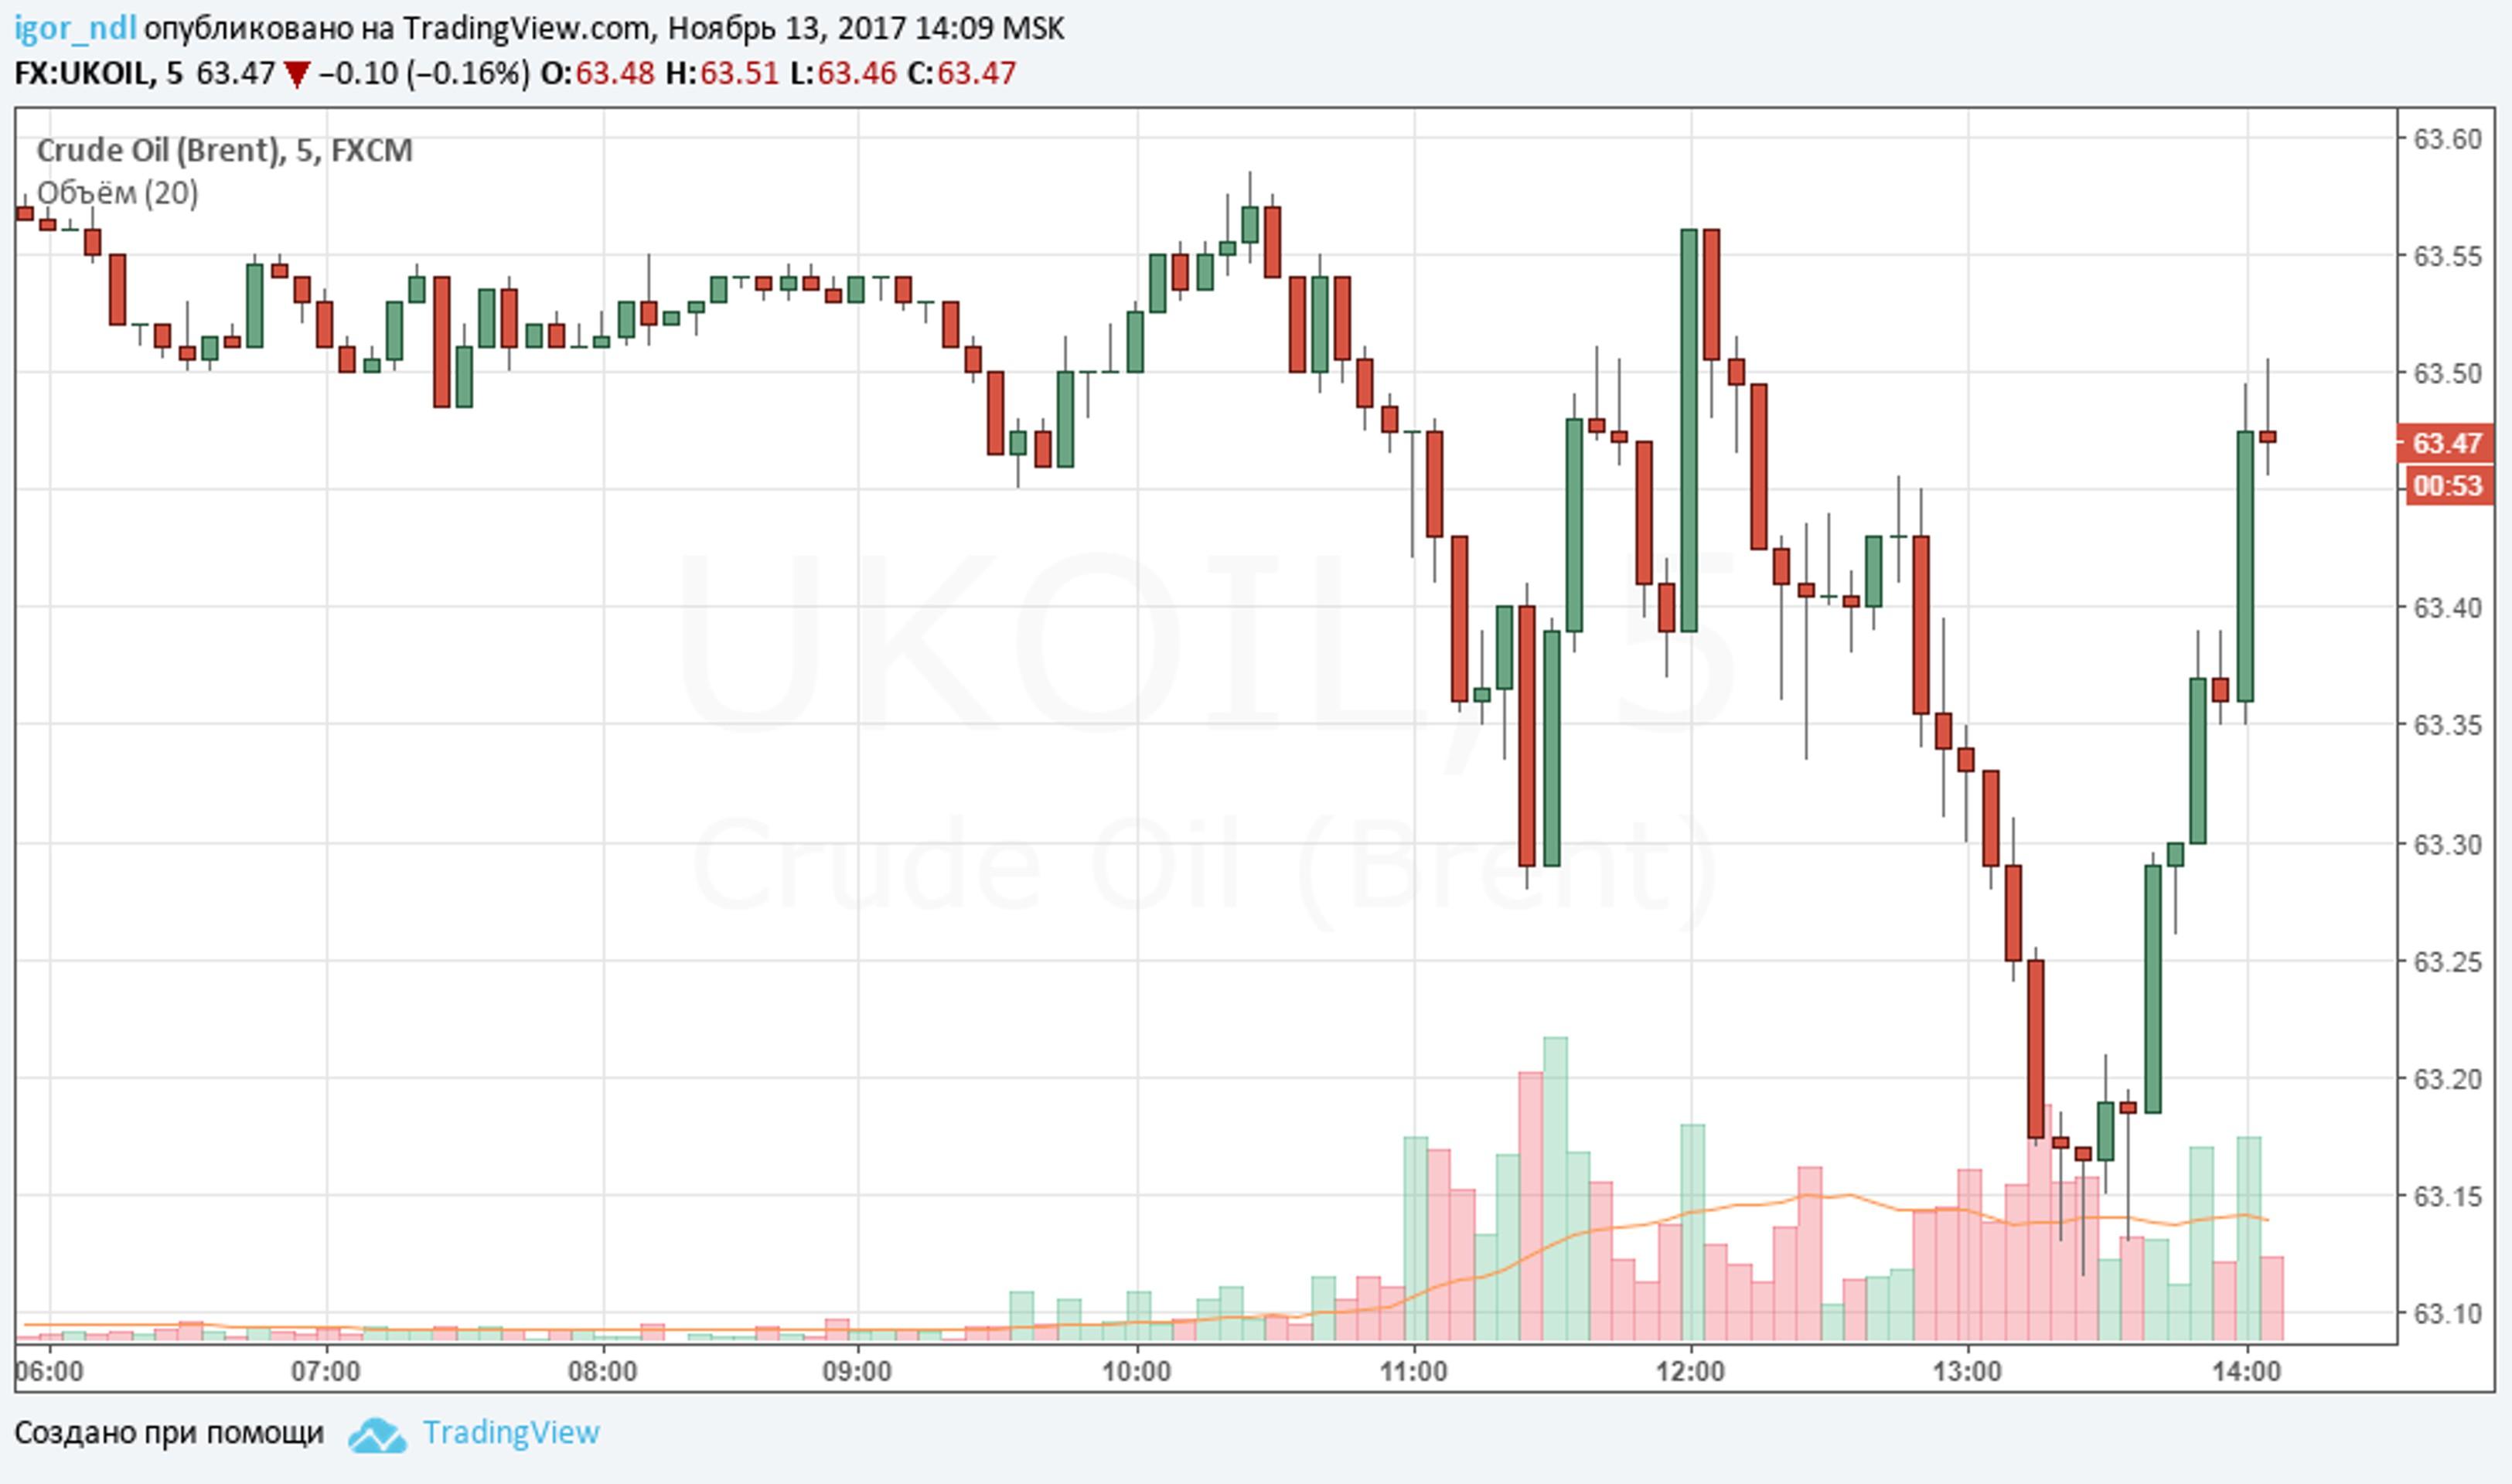 Цены на нефть не хотят падать. Почему?